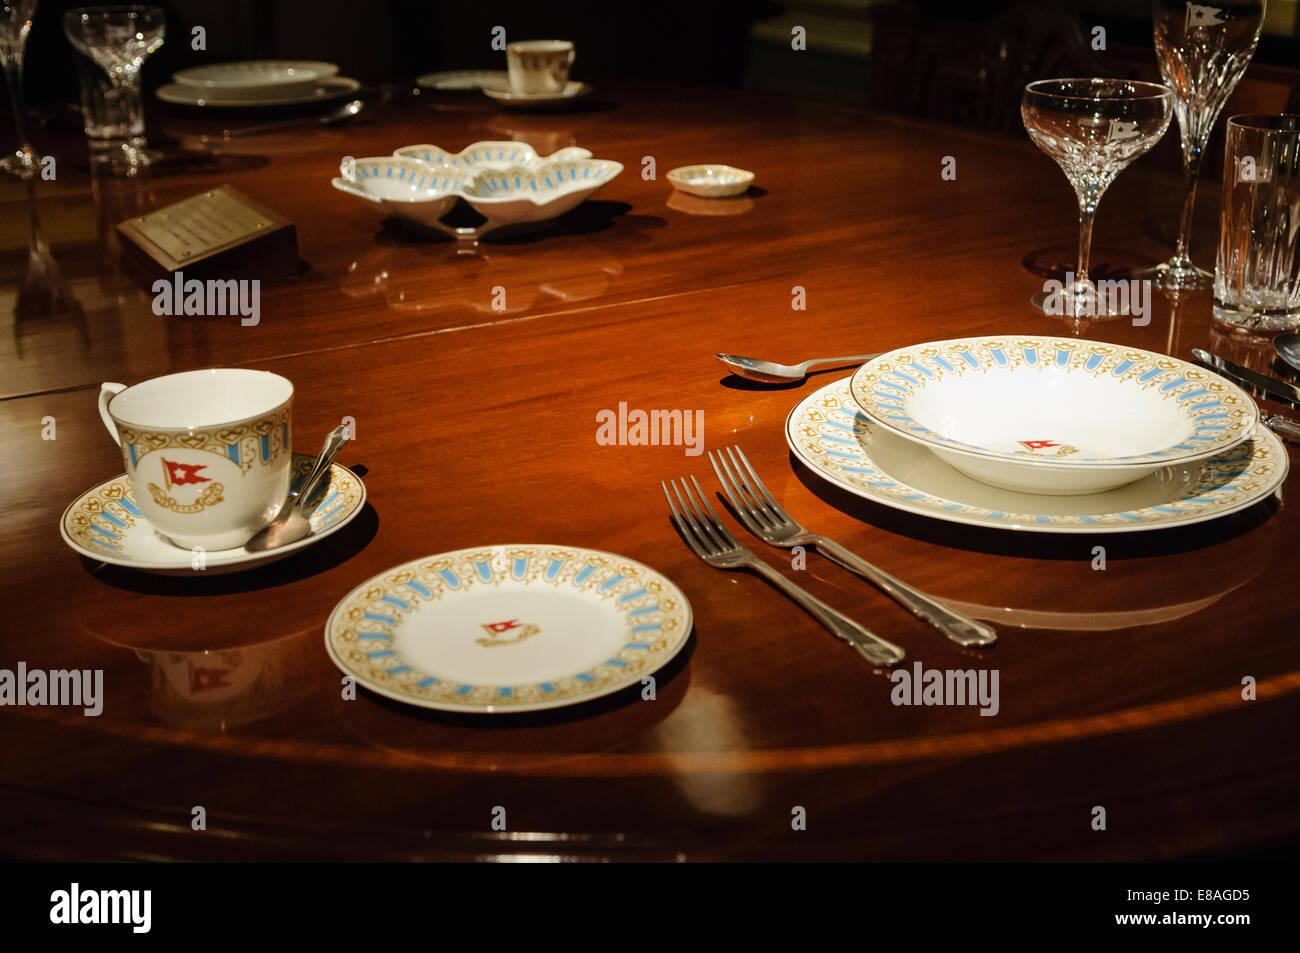 Table à manger, couverts et vaisselle qui aurait dû être dans la salle à manger privée Photo Stock